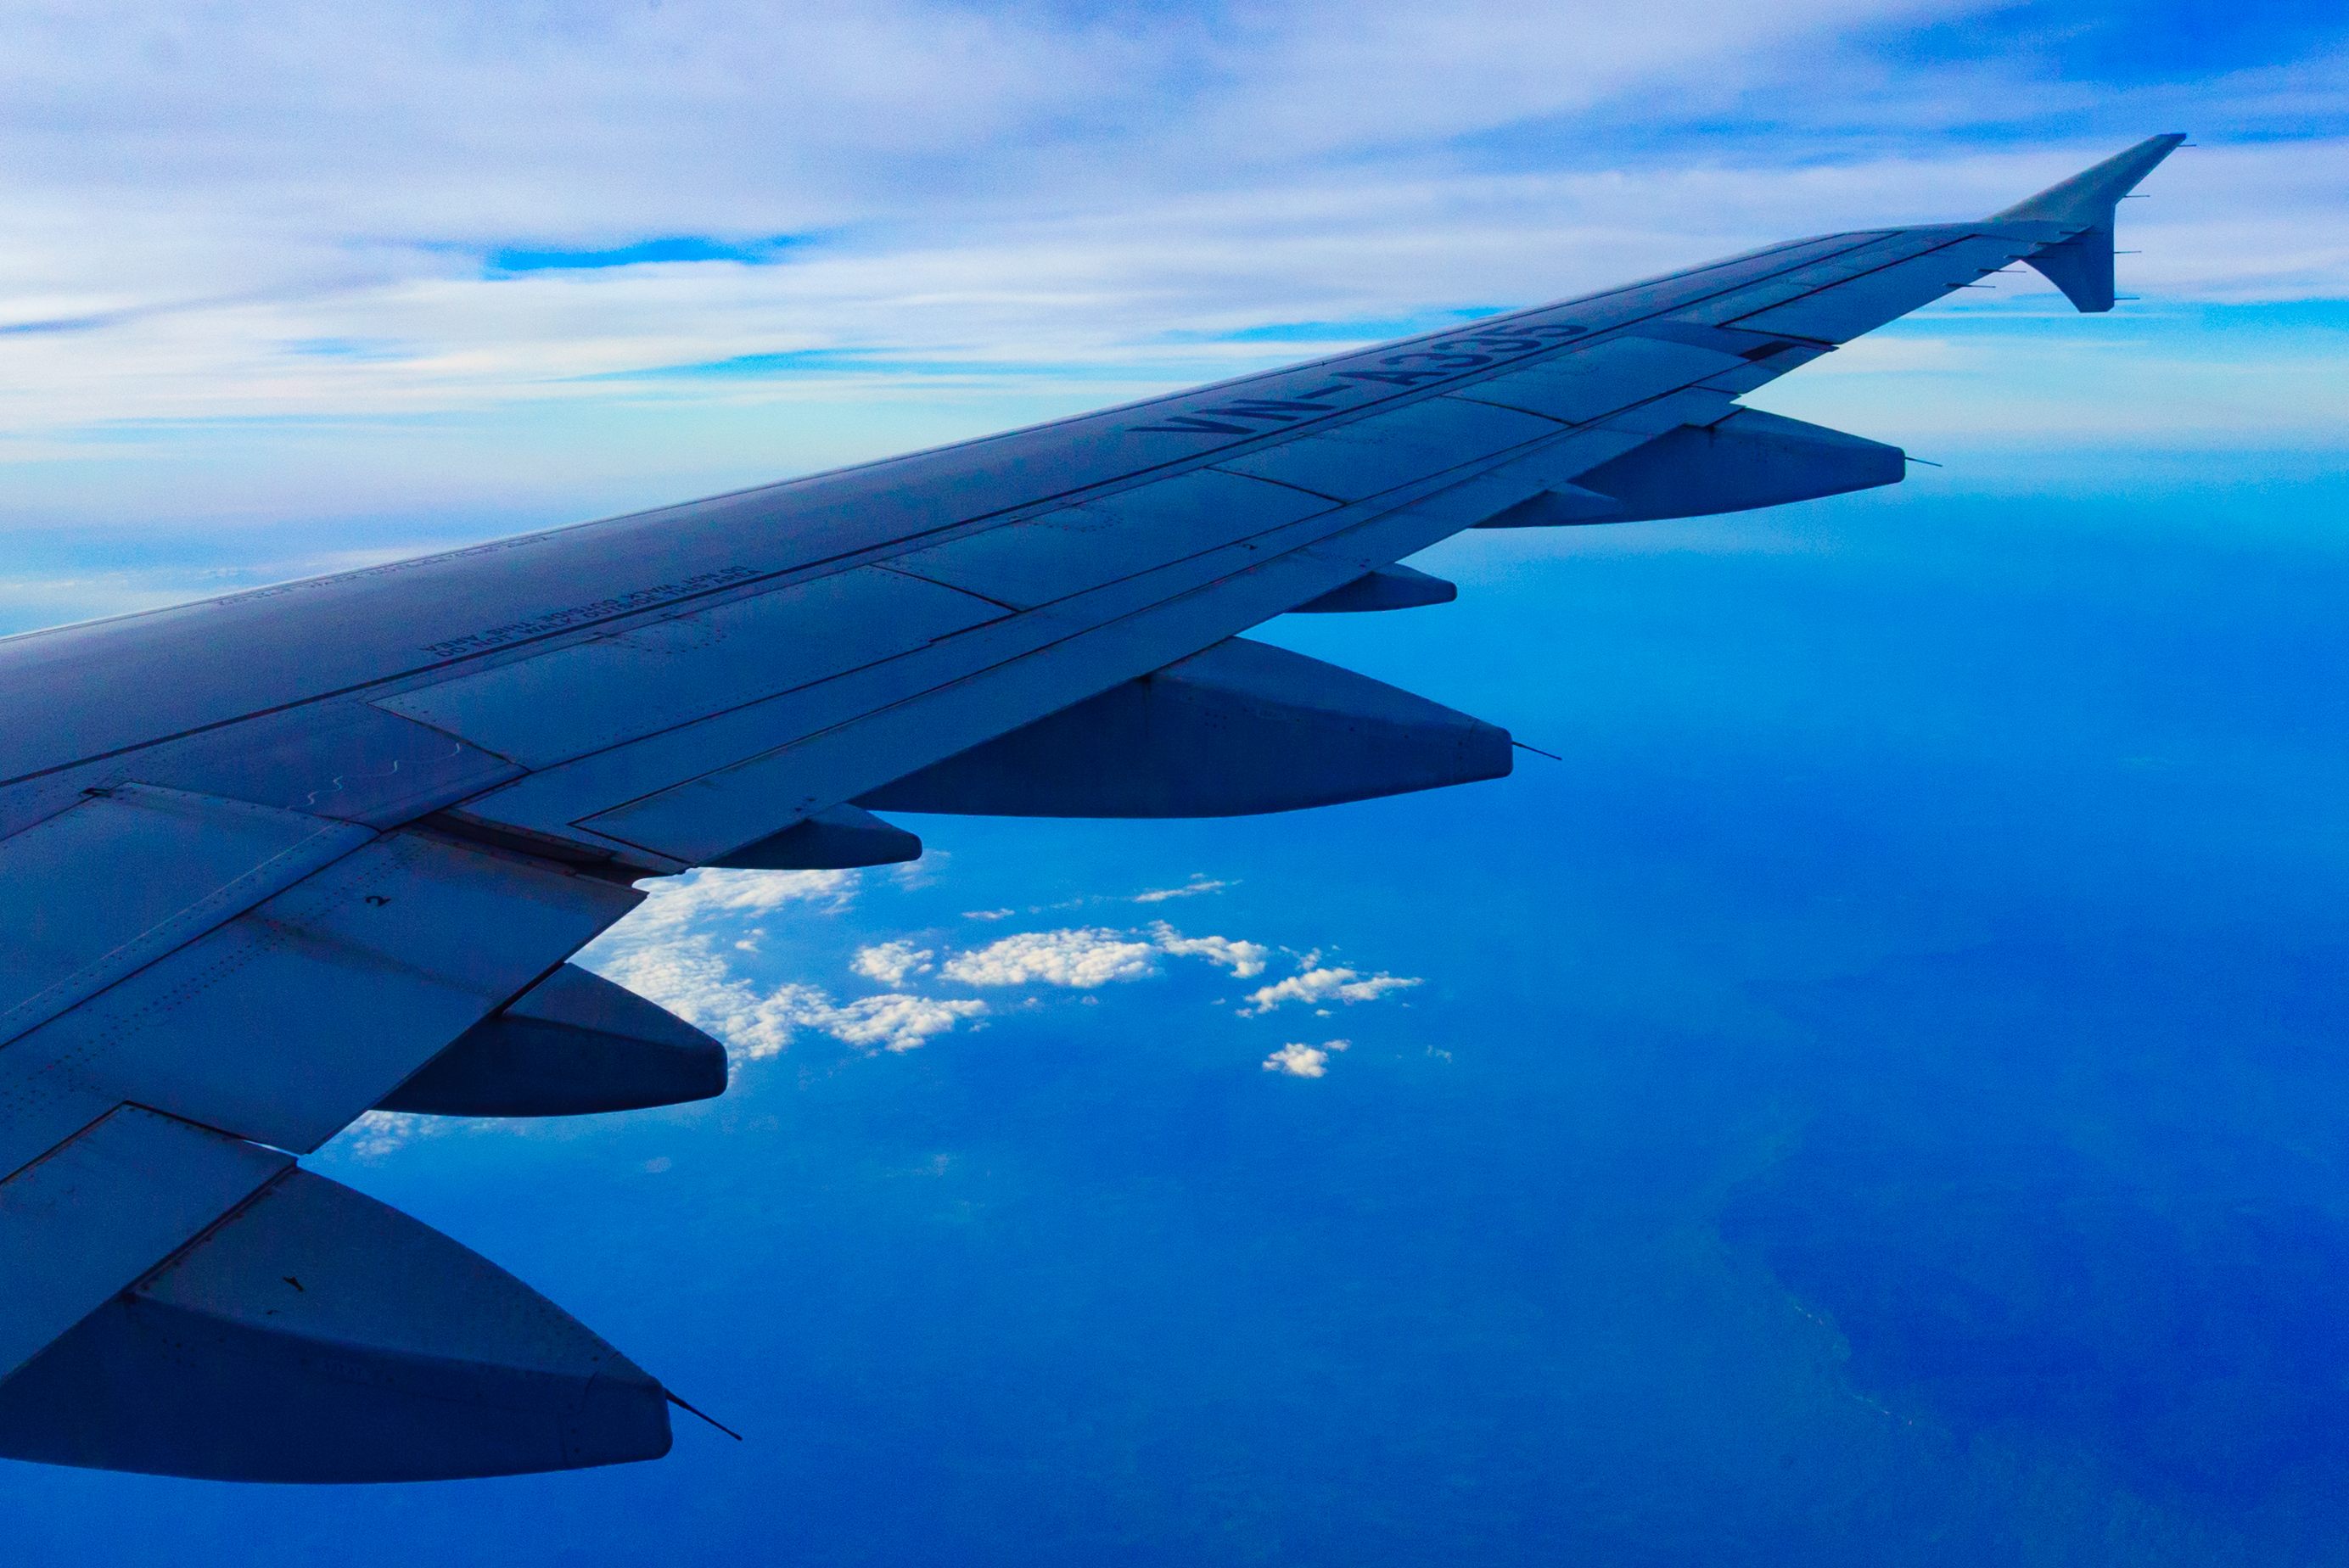 航空機の窓からの景色